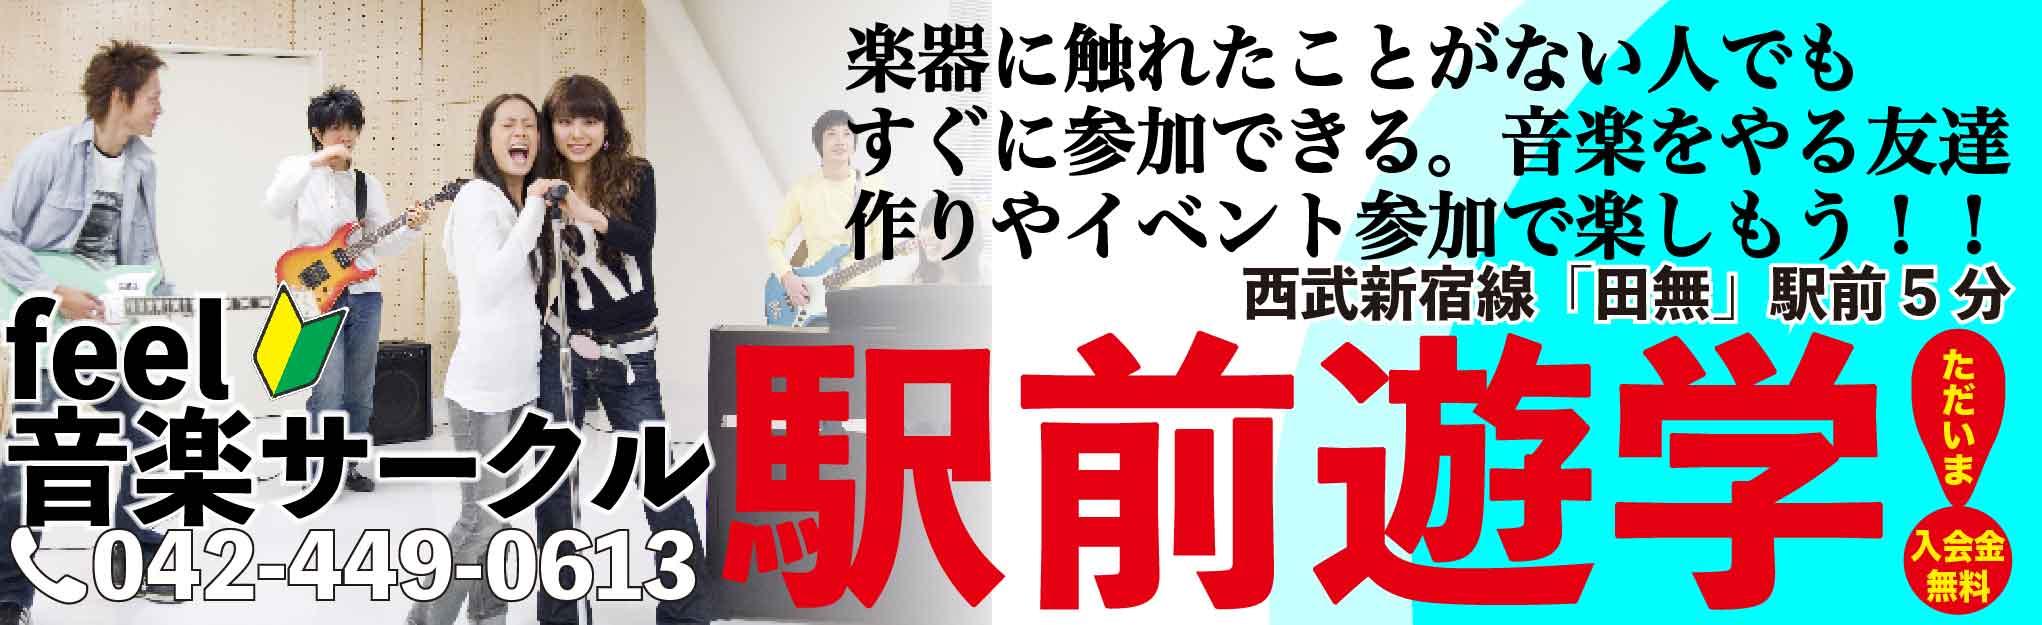 西東京市西武新宿線田無駅より徒歩5分。feel バンドサークル